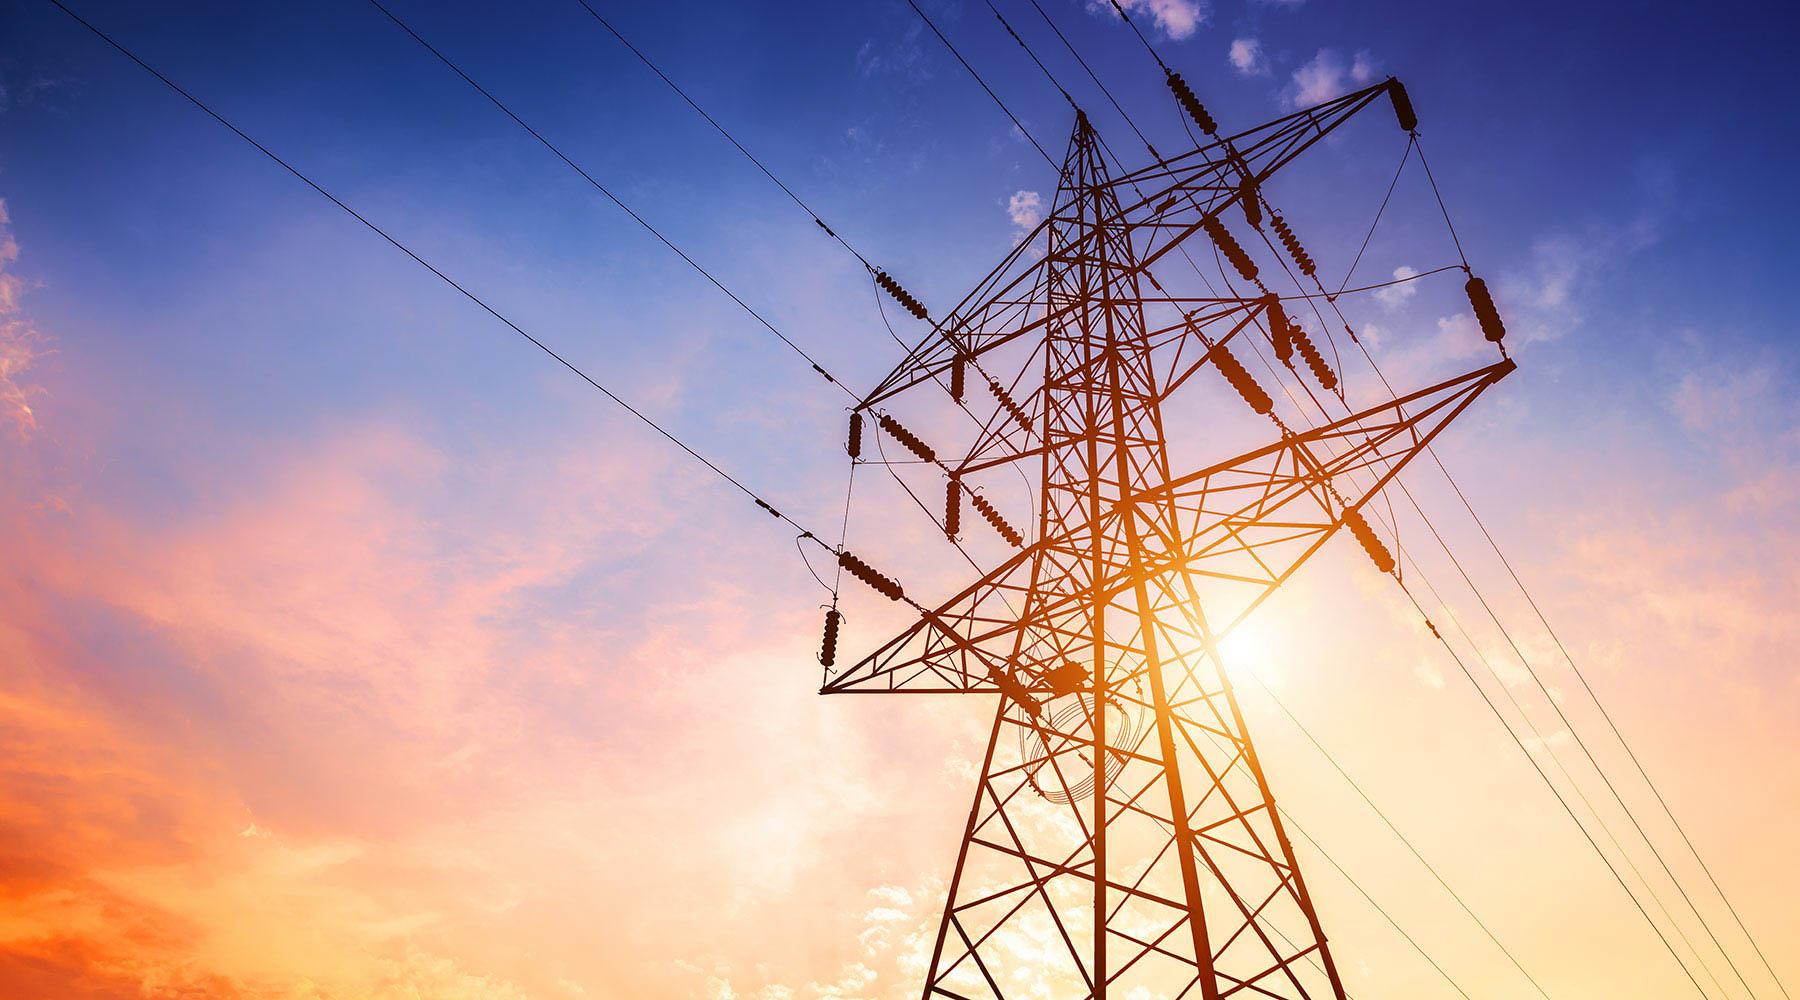 70% електромереж гірських регіонів області потребують заміни